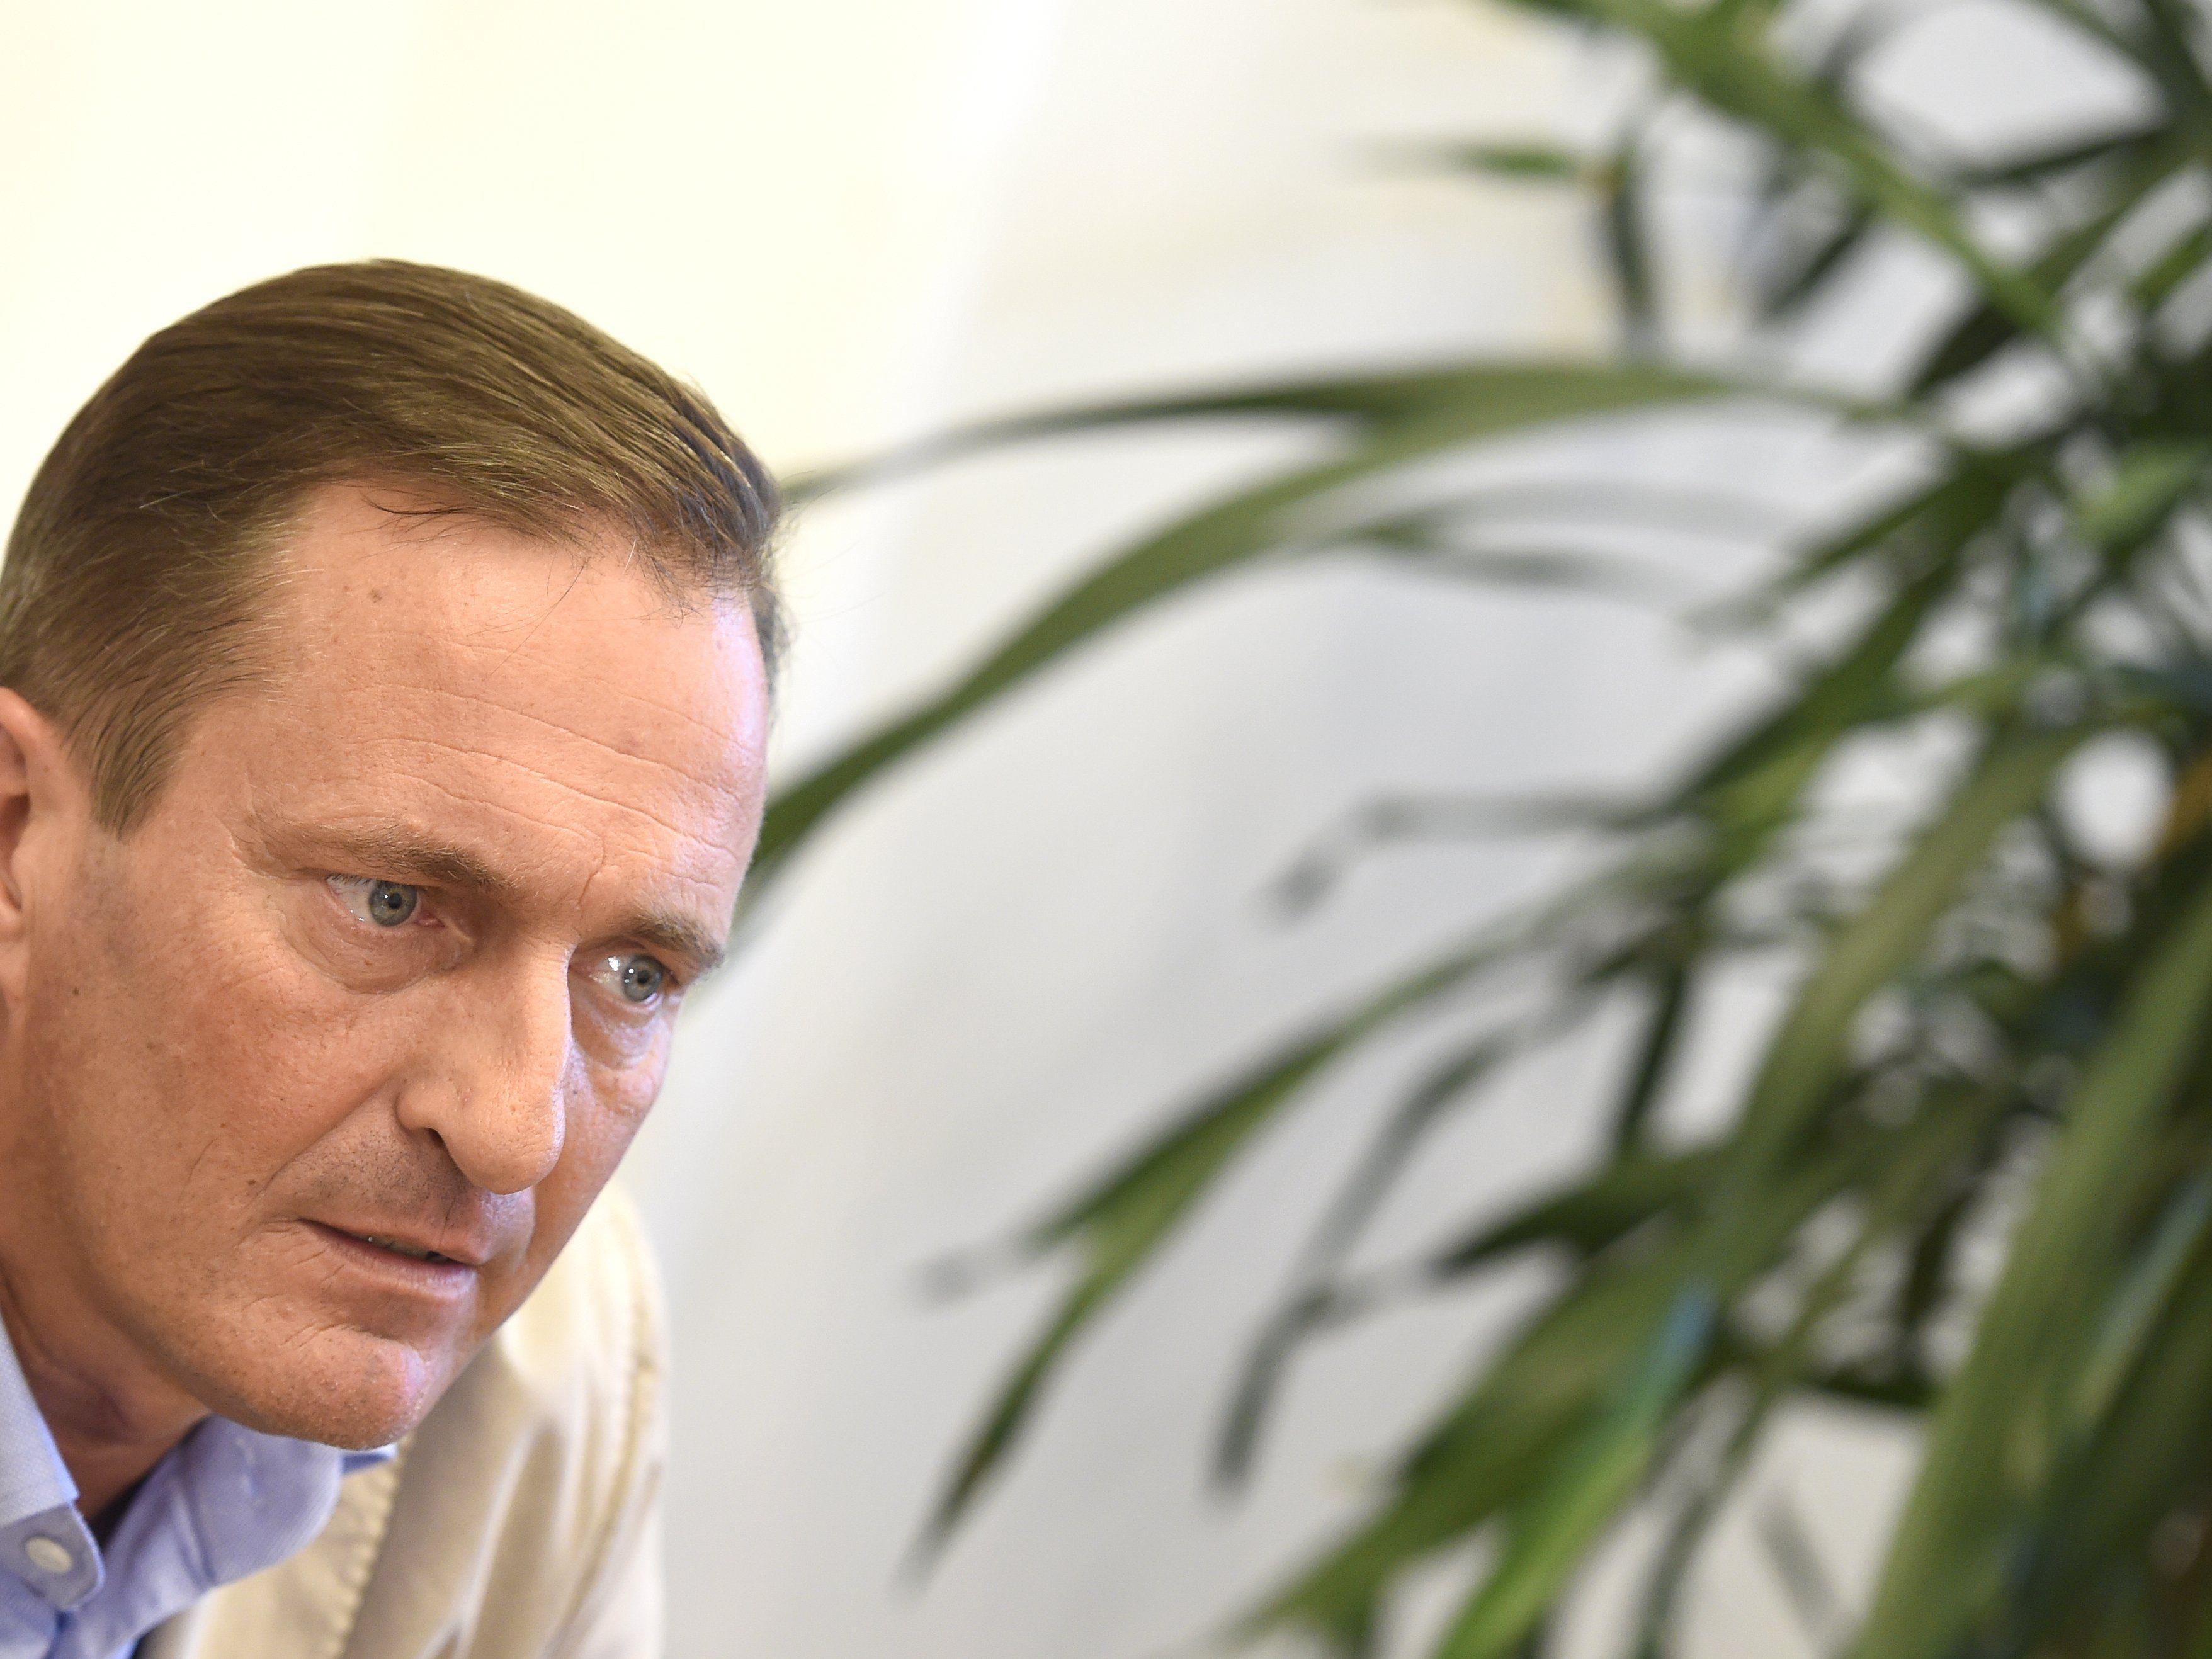 Manfred Jirazcka ist der ÖVP-Spitzenkandidat bei der Wien-Wahl 2015.